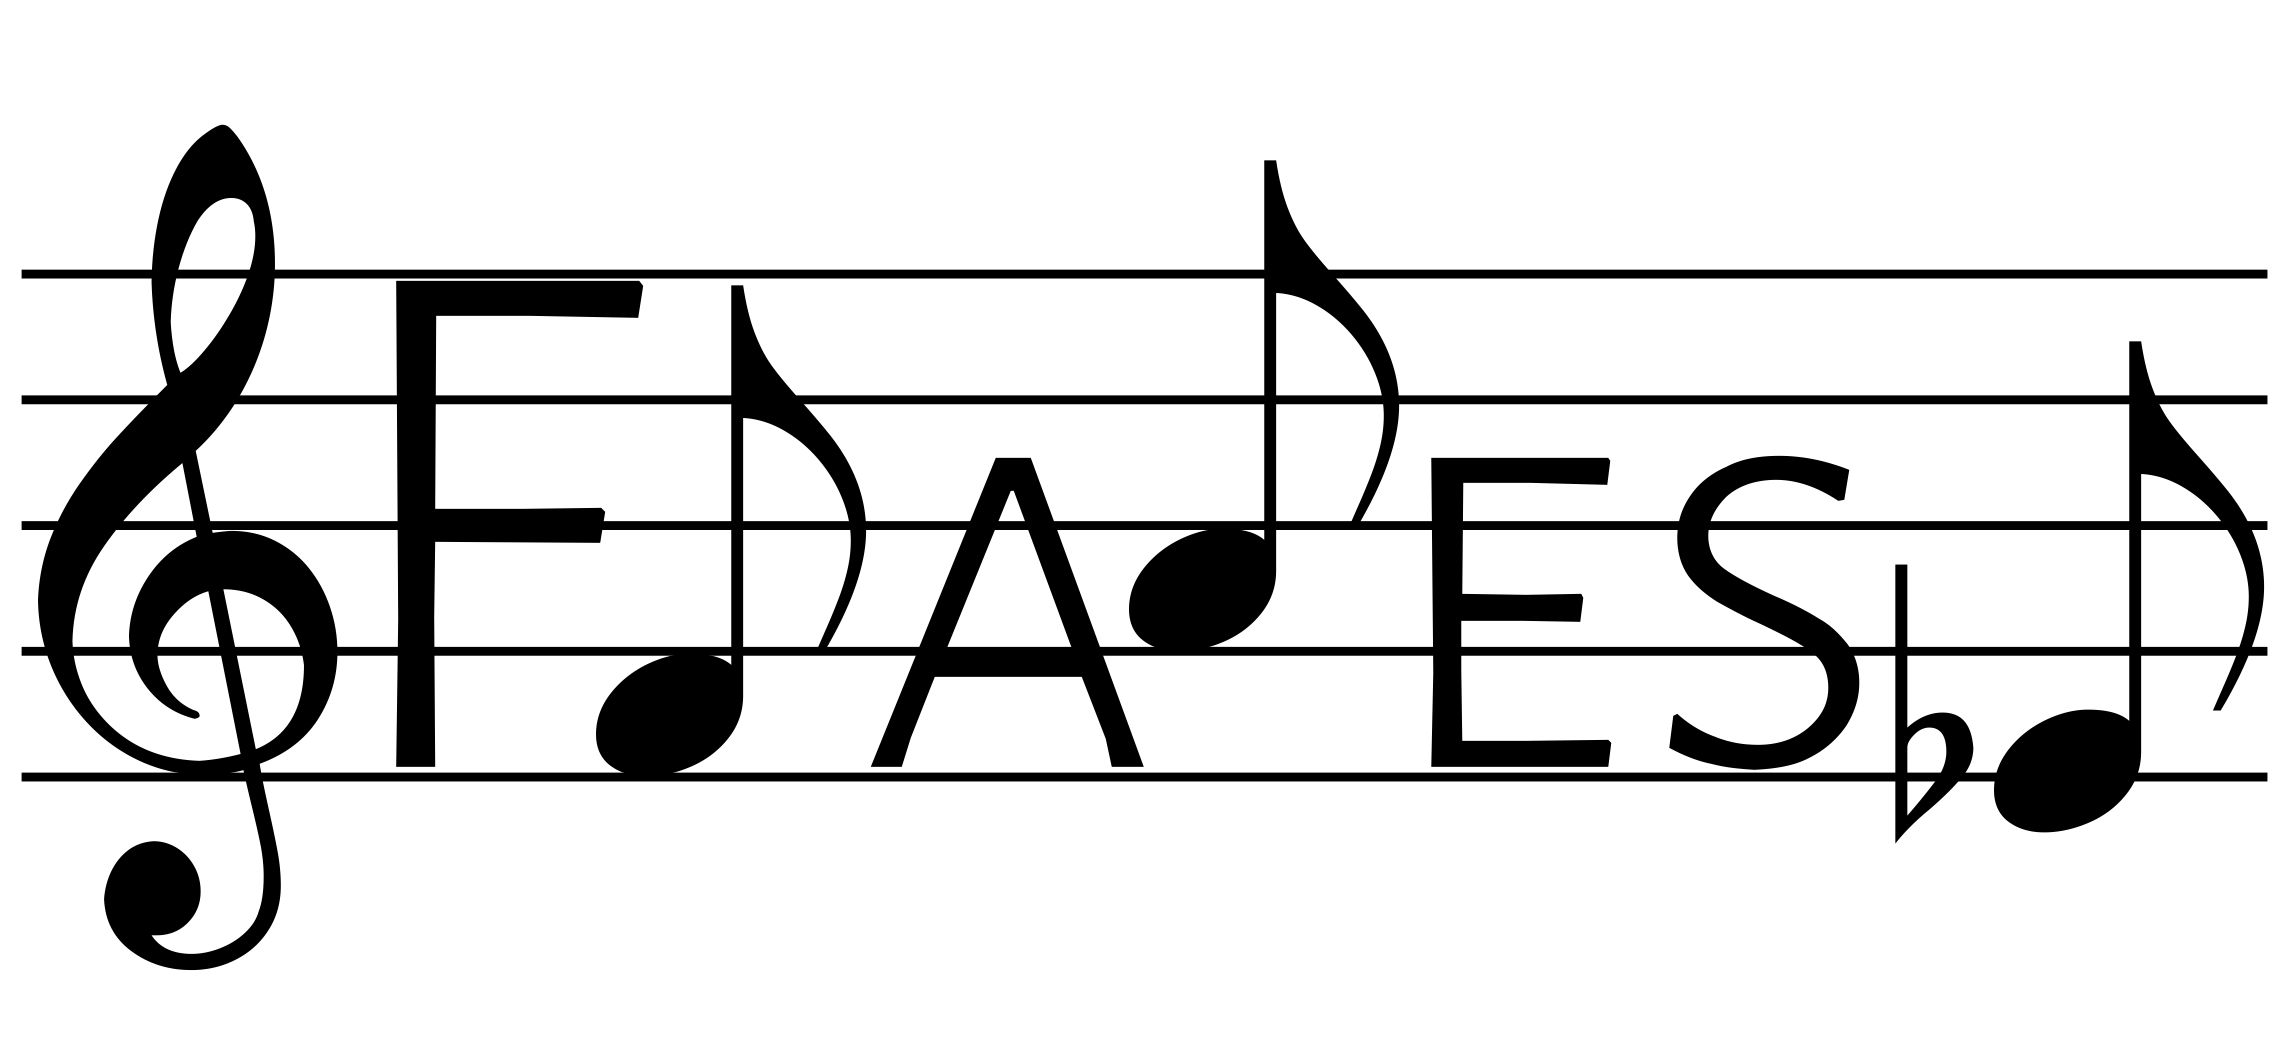 filippofaes.com